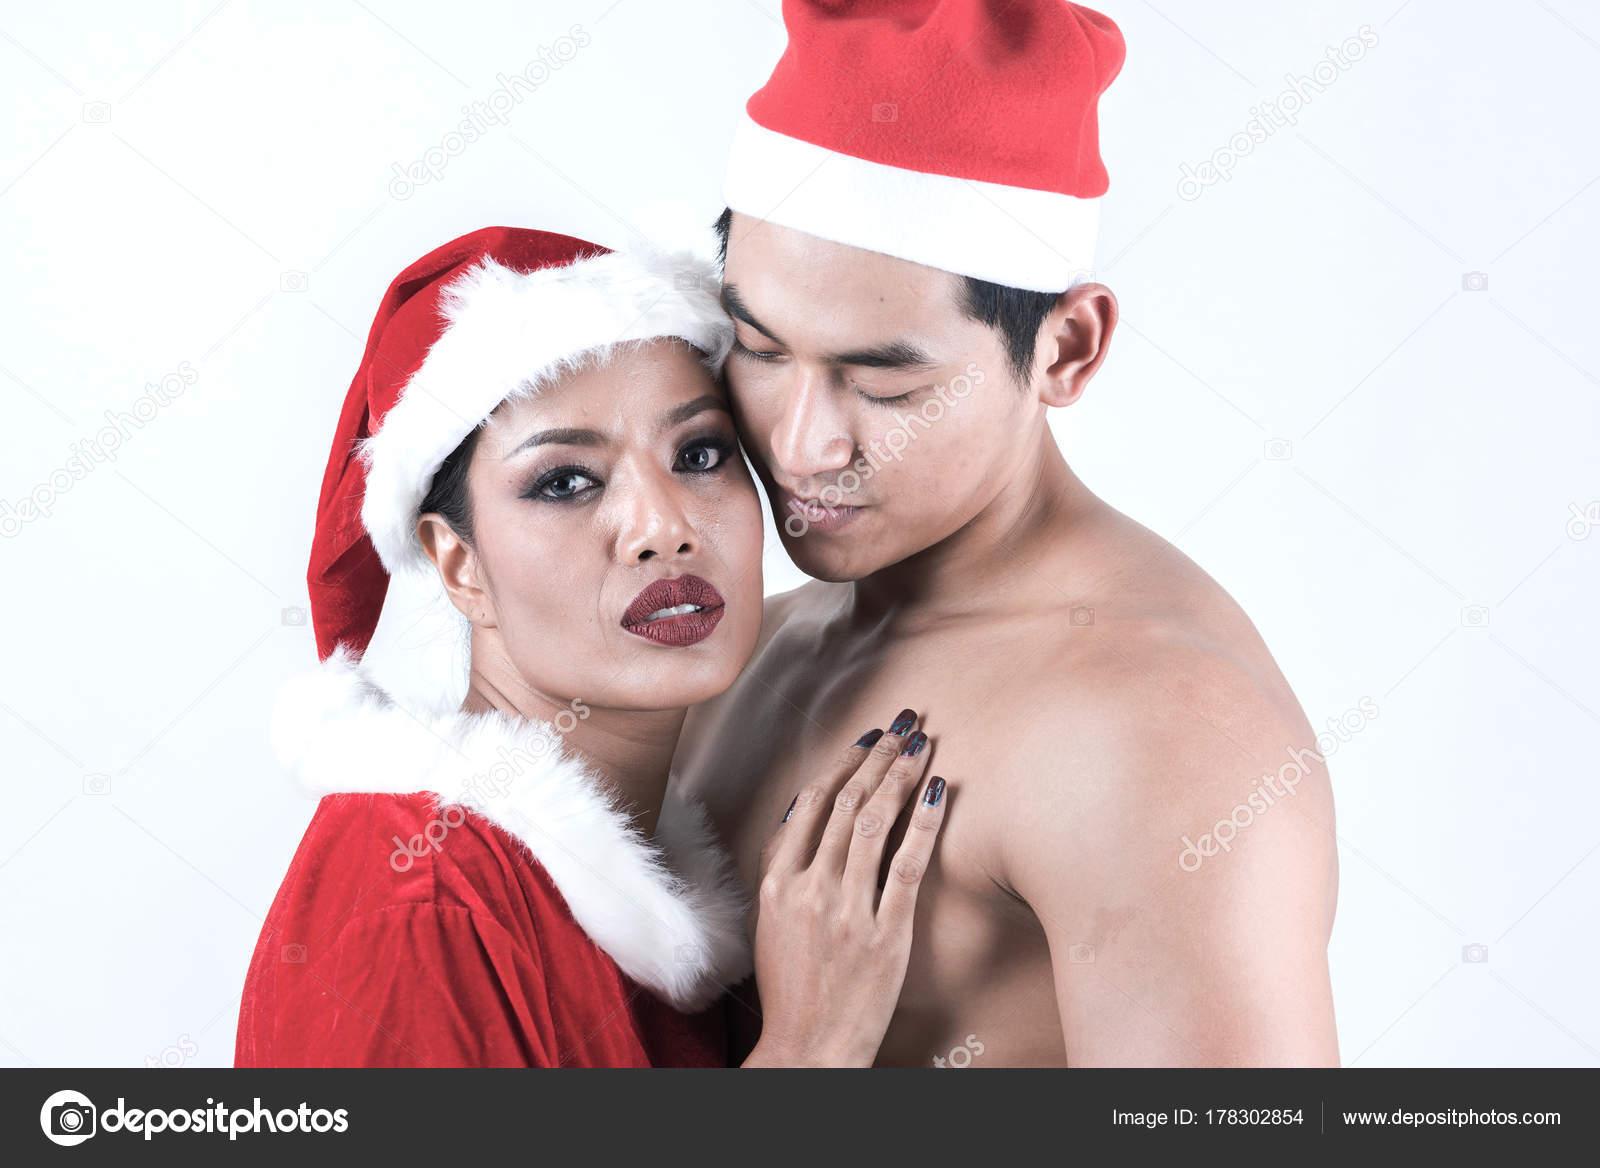 asiatico maschi dating siti di incontri a Kolkata